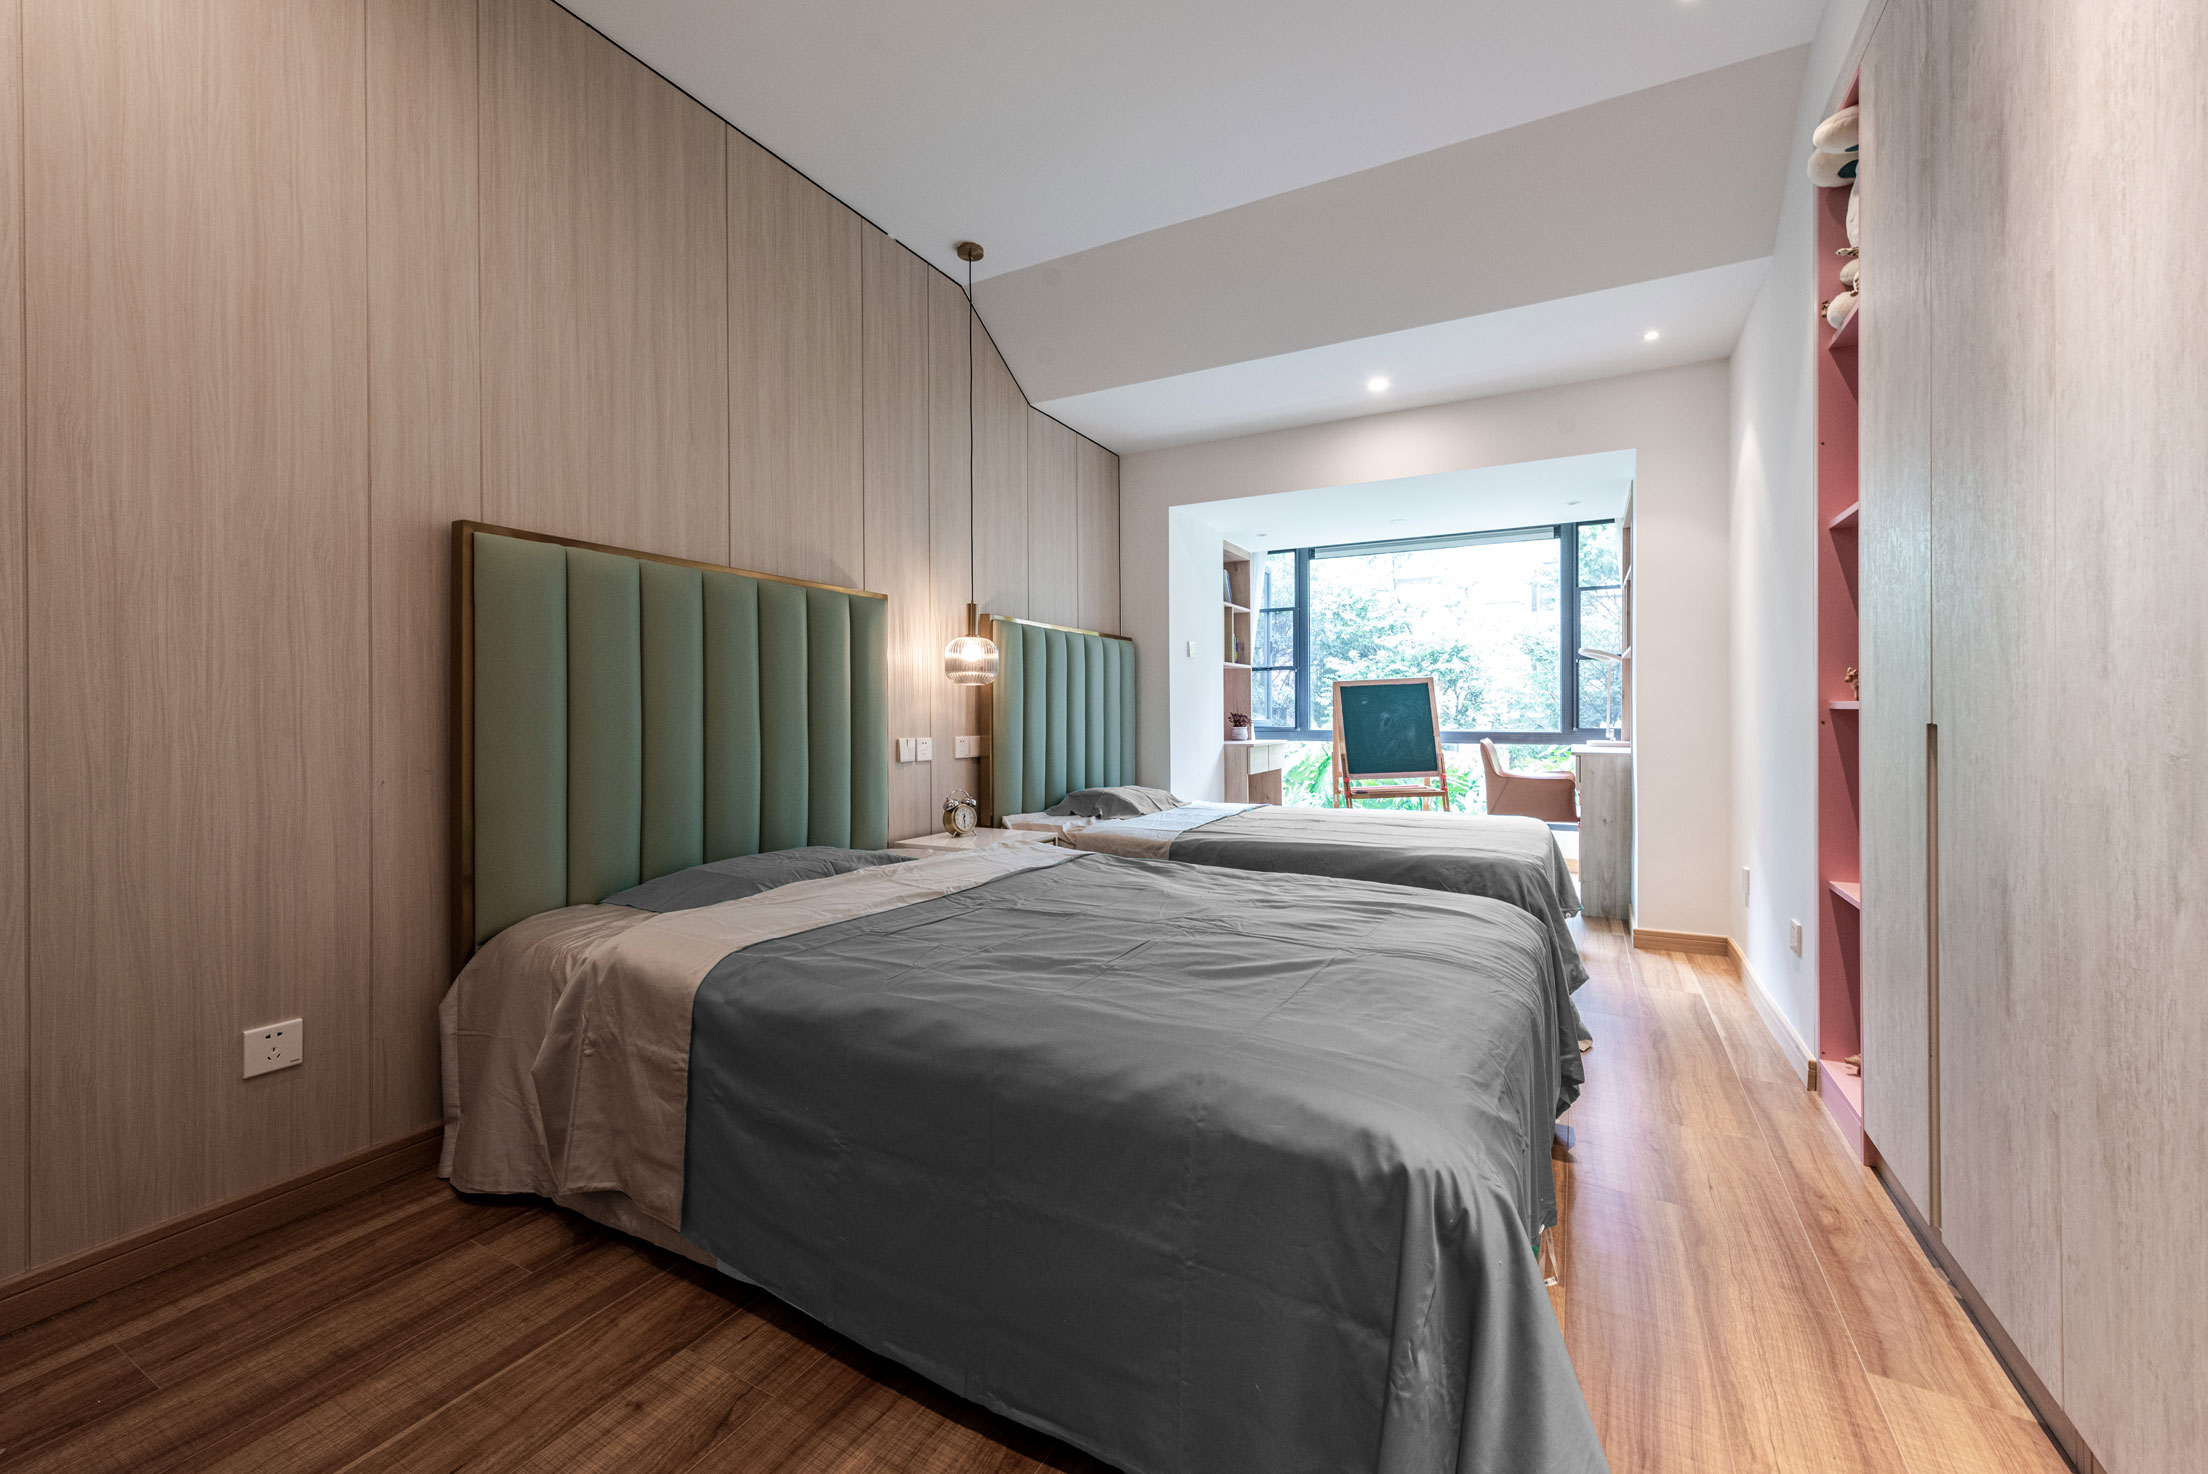 淏园住宅空间设计 · 在家中感知四季变换丨长空创作